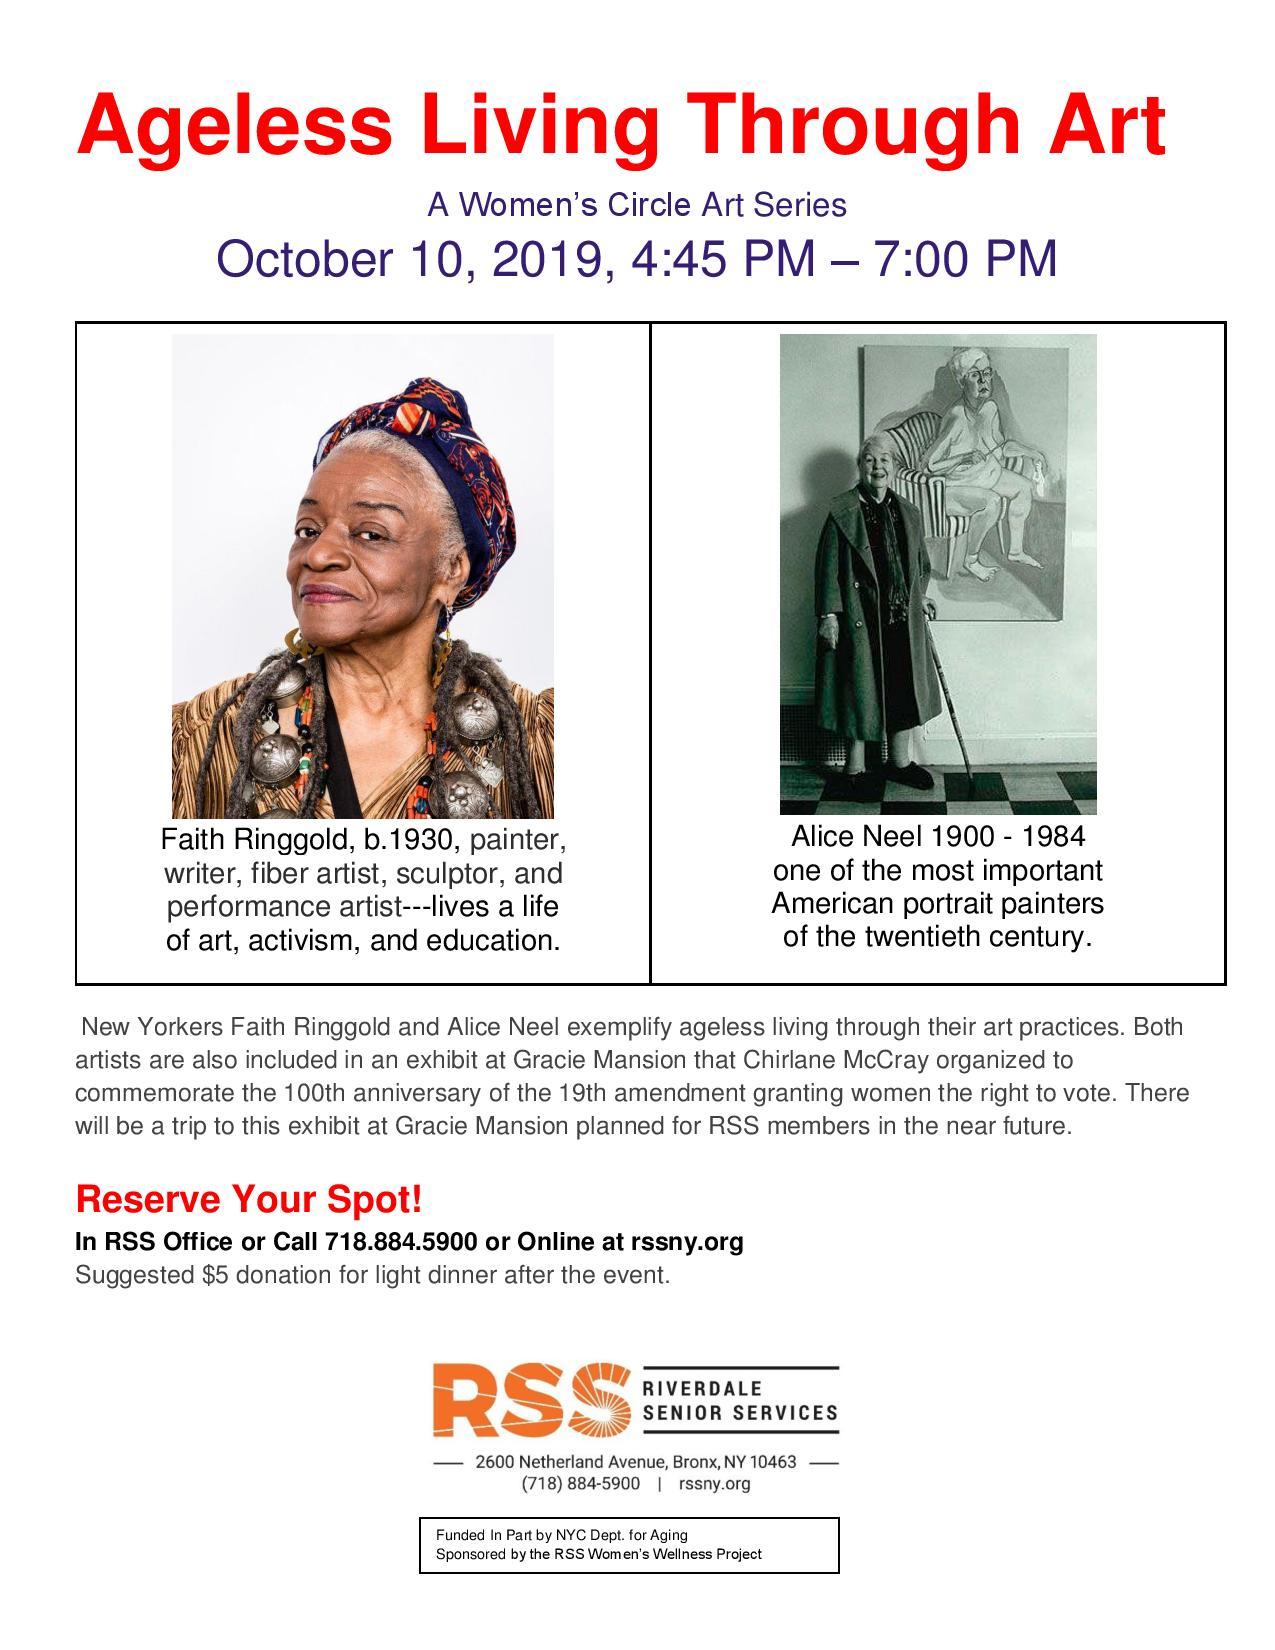 Ageless Living Through Art - A Women's Circle Event